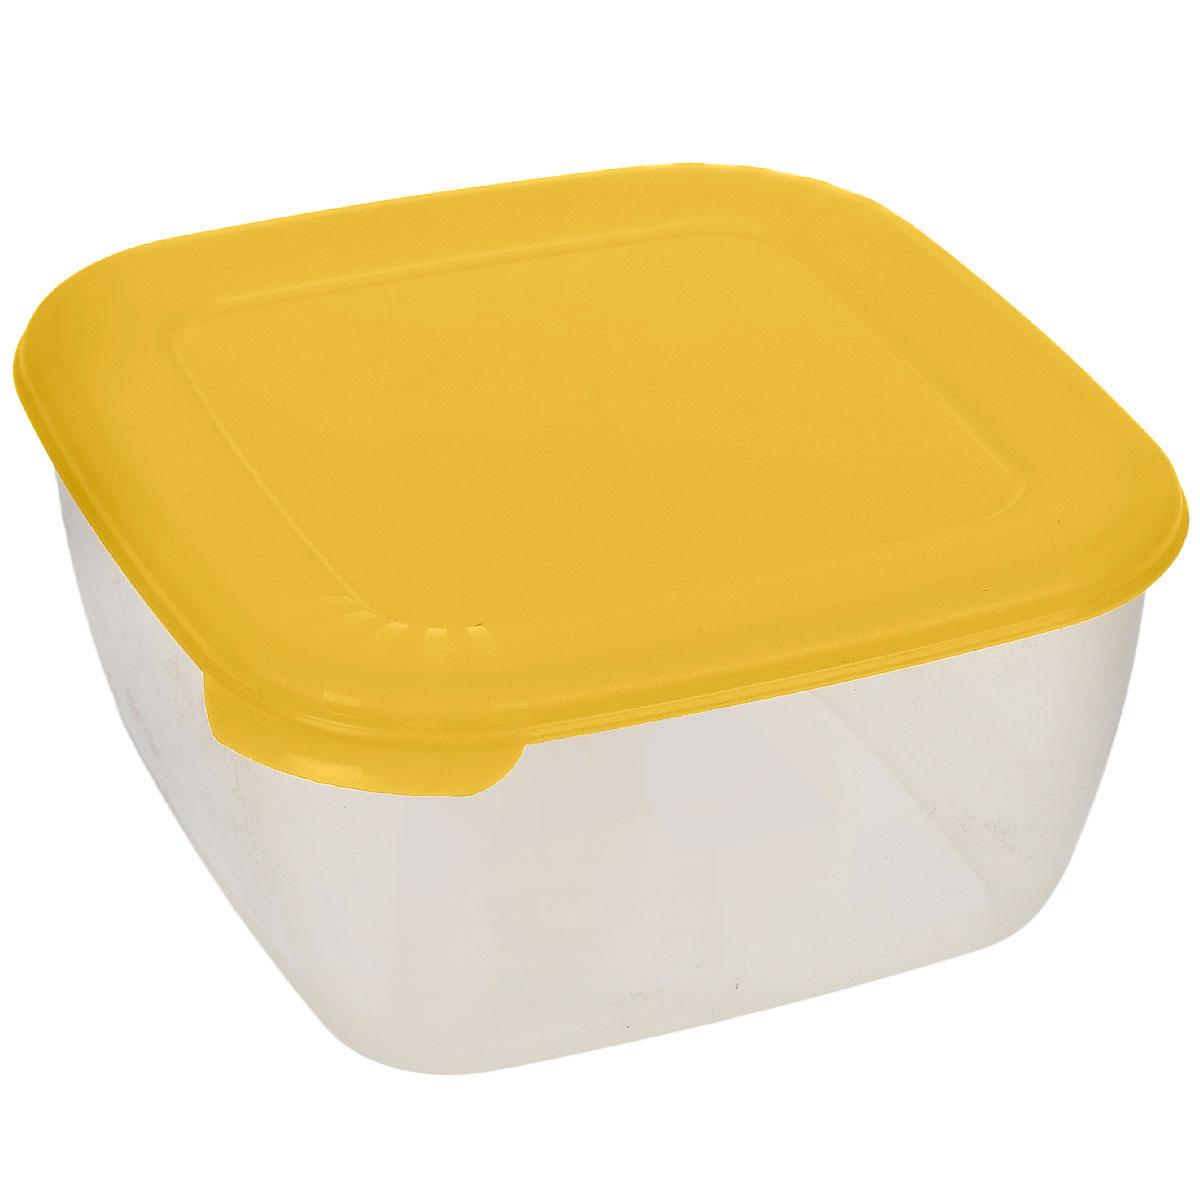 Контейнер для СВЧ Полимербыт Лайт, цвет: прозрачный, желтый, 950 млС541_желтыйКонтейнер Полимербыт Лайт квадратной формы, изготовленный из прочного пластика, предназначен специально для хранения пищевых продуктов. Крышка легко открывается и плотно закрывается.Контейнер устойчив к воздействию масел и жиров, легко моется. Прозрачные стенки позволяют видеть содержимое. Контейнер имеет возможность хранения продуктов глубокой заморозки, обладает высокой прочностью. Можно мыть в посудомоечной машине.Контейнер подходит для использования в микроволновой печи без крышки, а также для заморозки в морозильной камере.